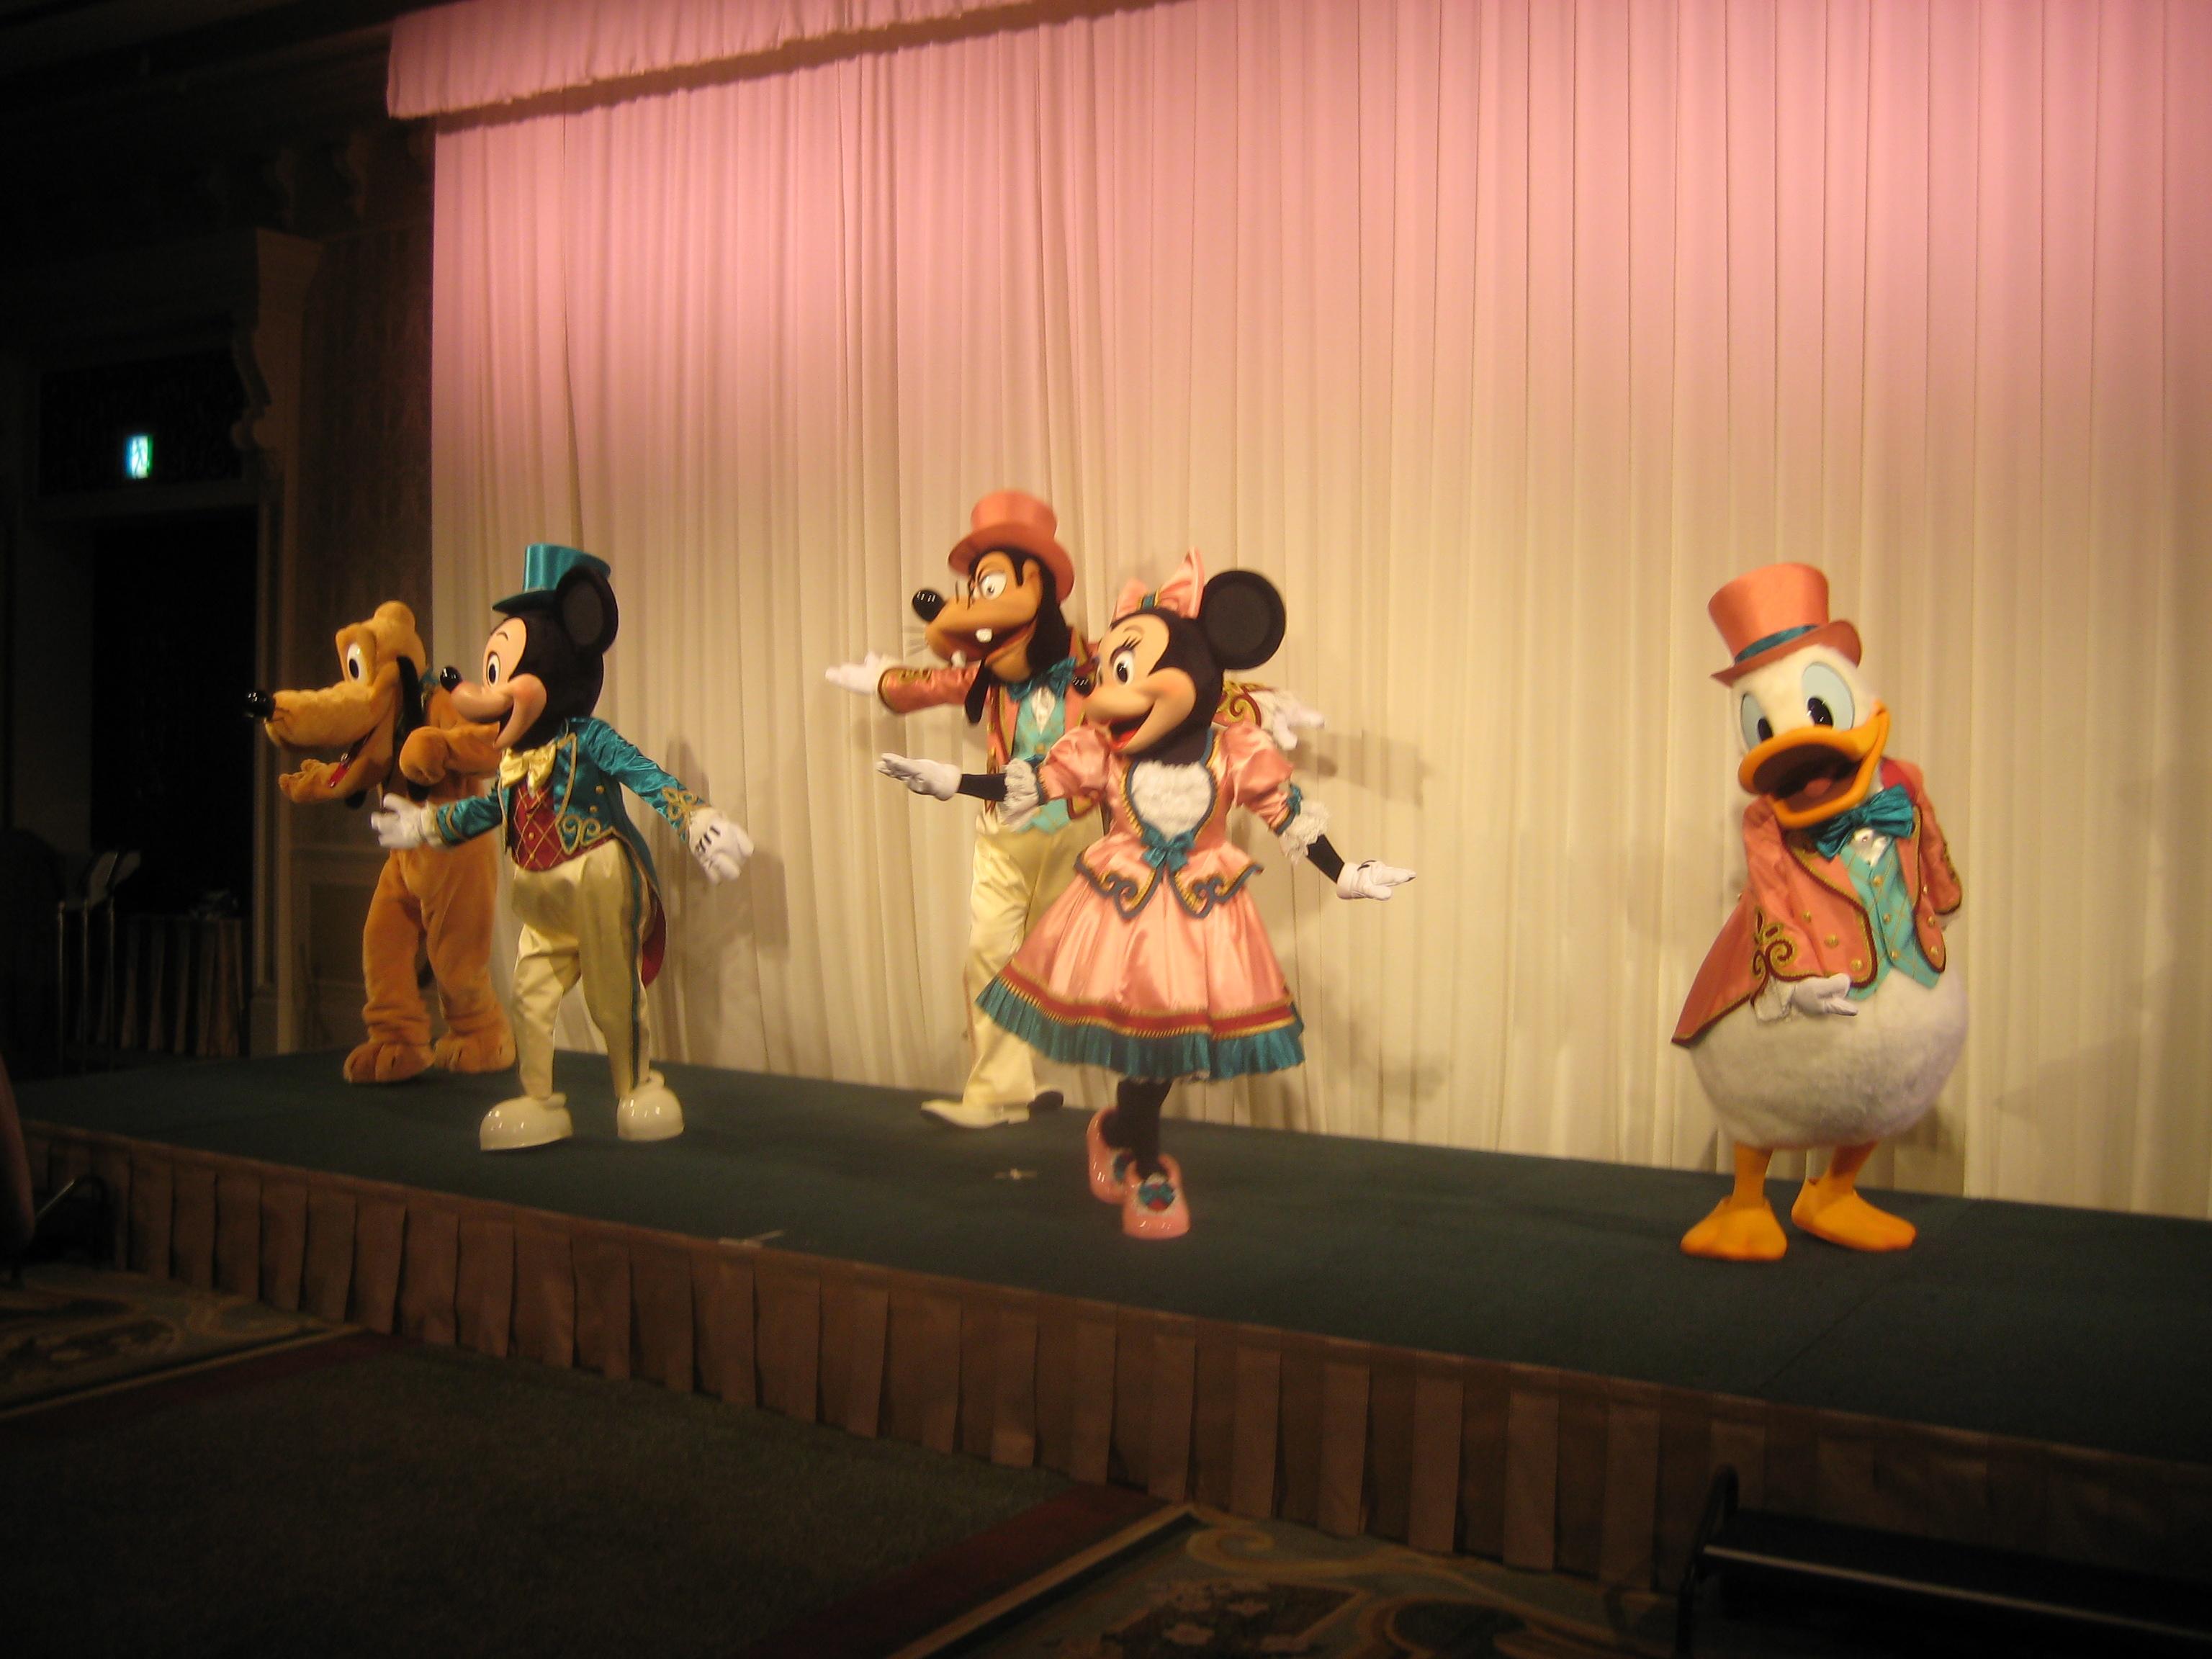 ディズニーランドホテルにてパーティー』東京ディズニーリゾート(千葉県